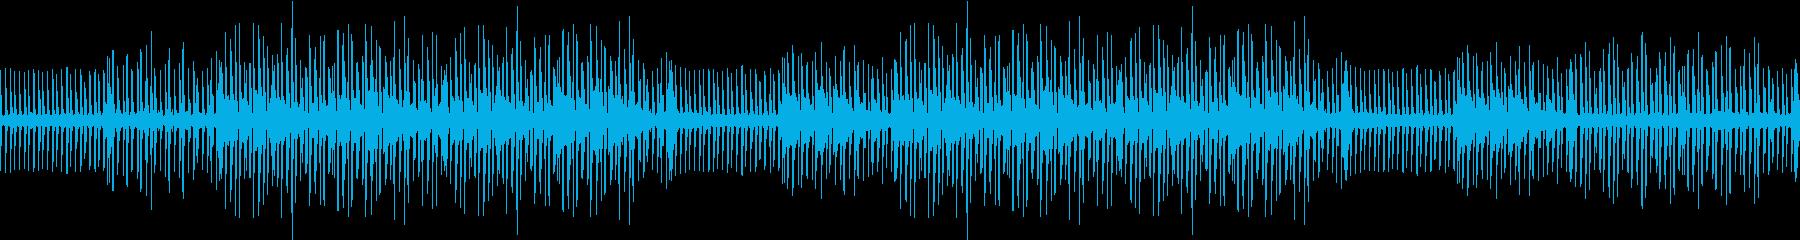 テクノポップ・未来的・綺麗・ループ・夜の再生済みの波形